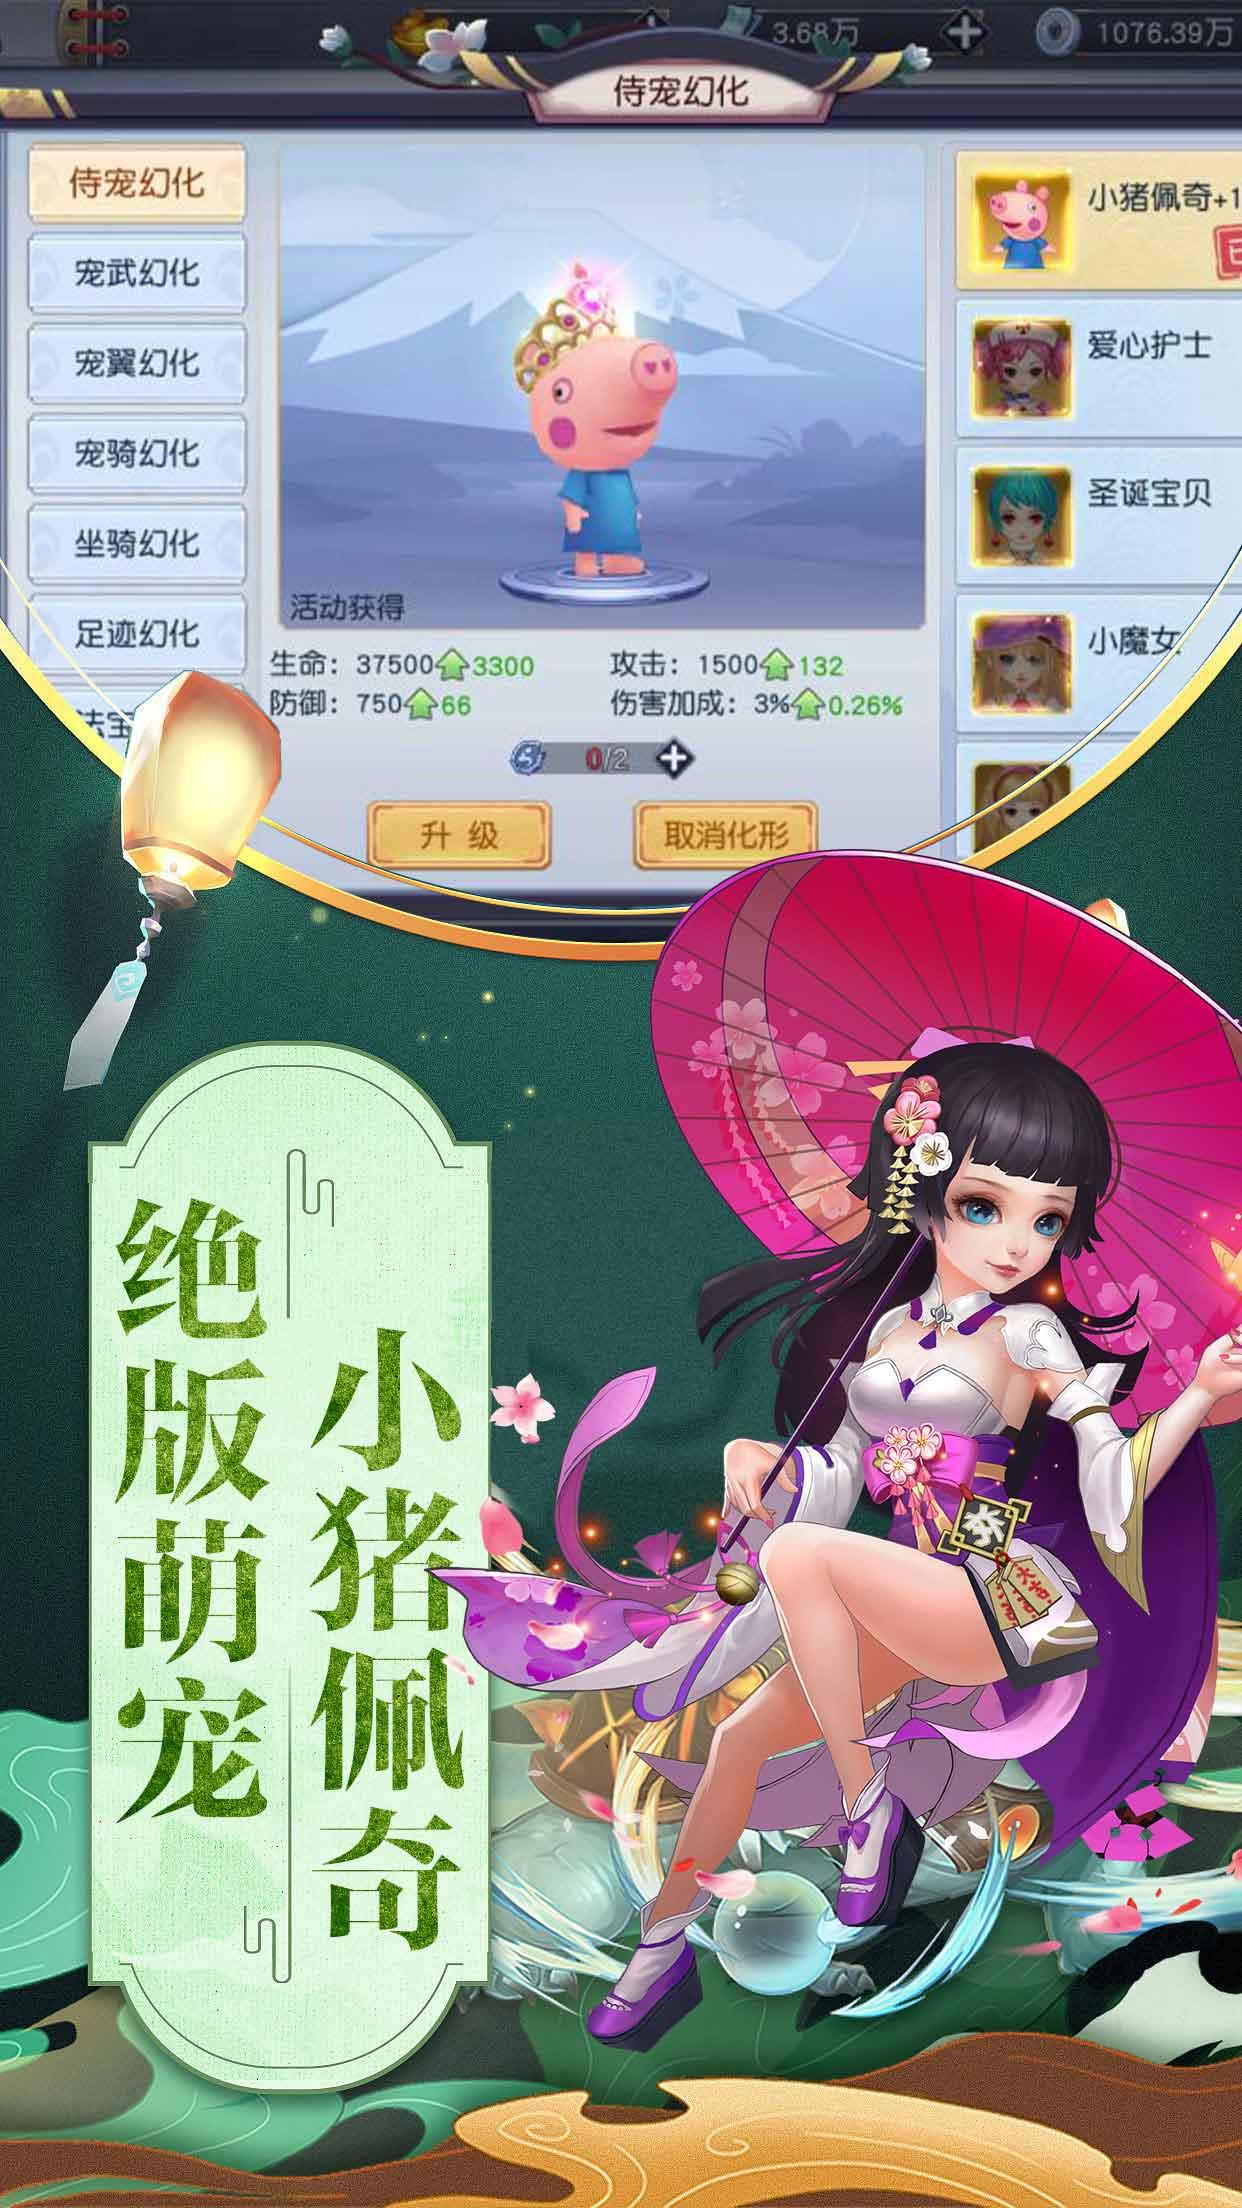 武神变游戏截图3